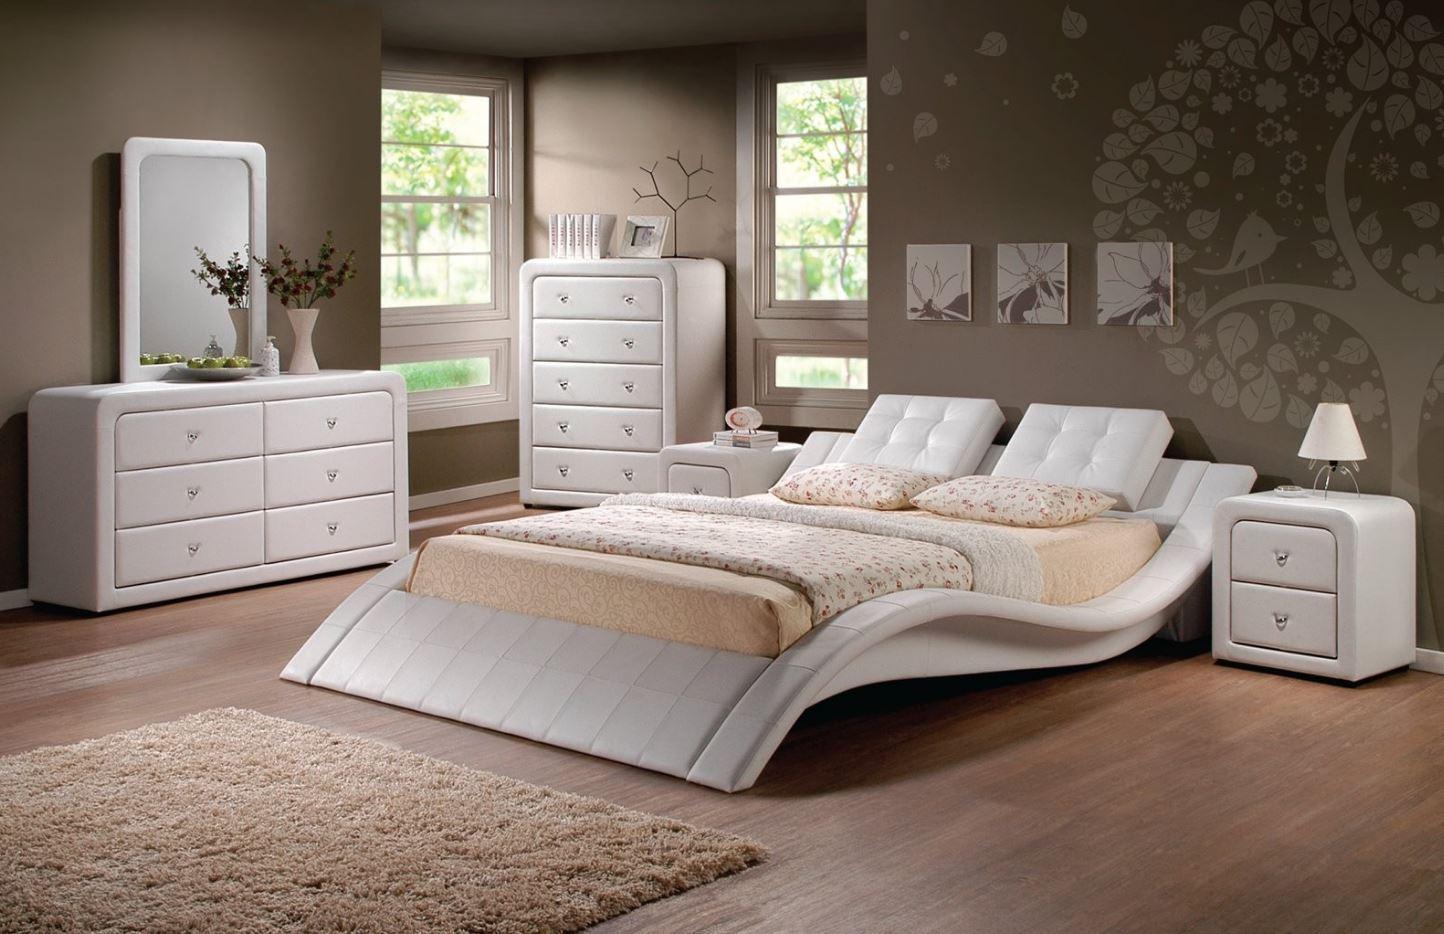 Farklı Tasarımlara Sahip Efsane Yatak Odaları